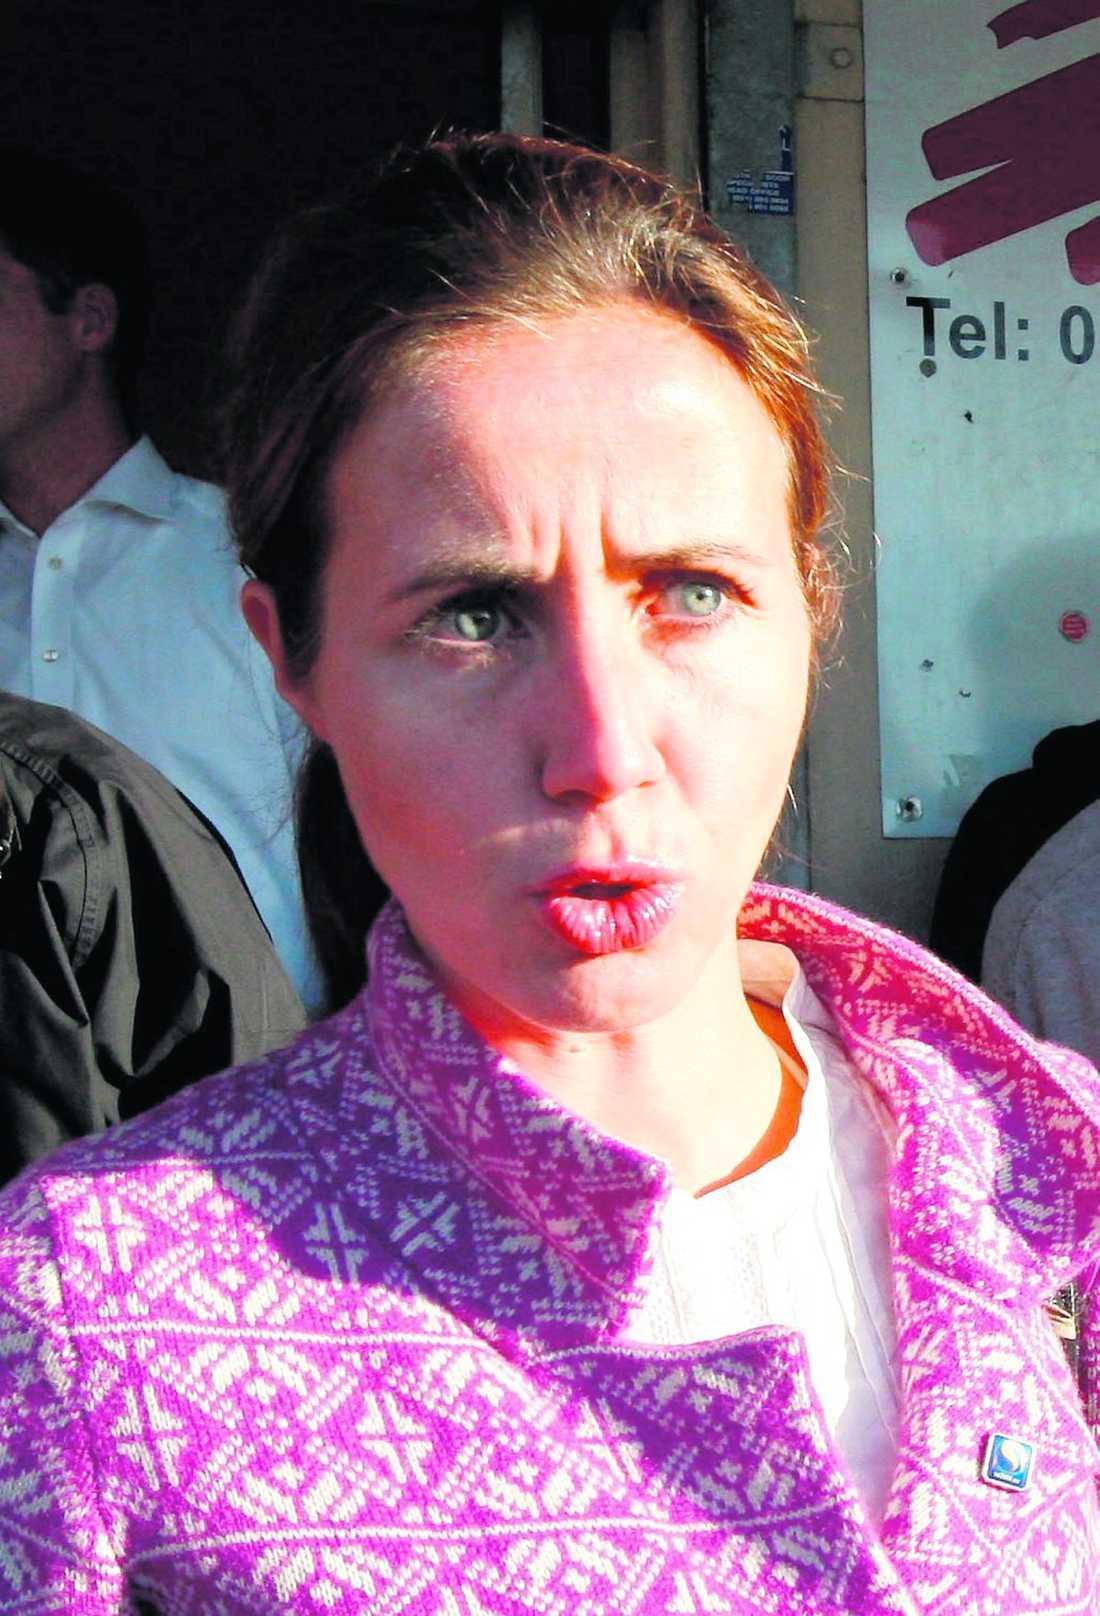 """närmaste förtrogna """"Filippa är en mycket aktiv lokal moderat politiker som sitter i Stockholms landsting och ansvarar för hälsofrågor. Hon är hans närmaste förtrogna"""", står det i ett av de läckta dokumenten."""